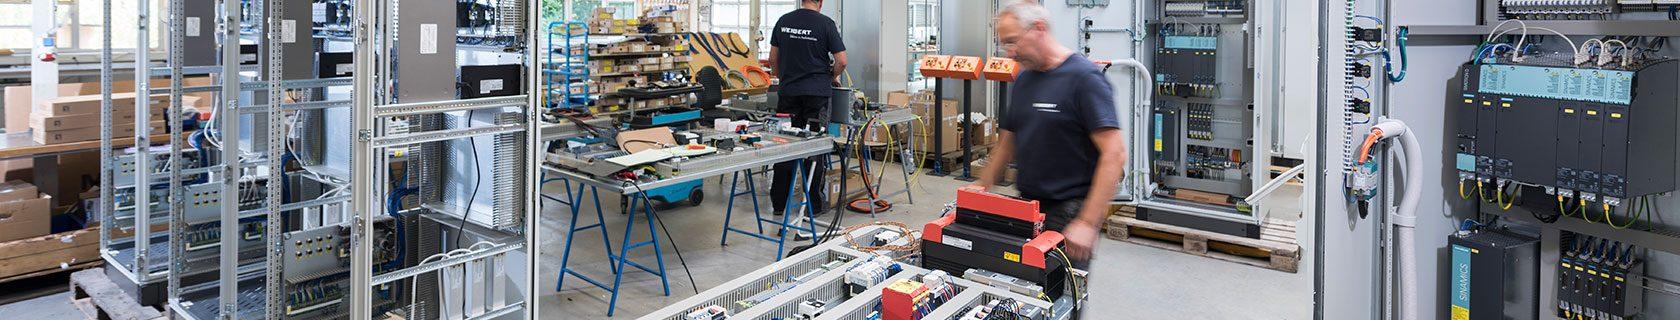 Mitarbeiter für den Schaltanlagenbau gesucht – Weigert Elektronik